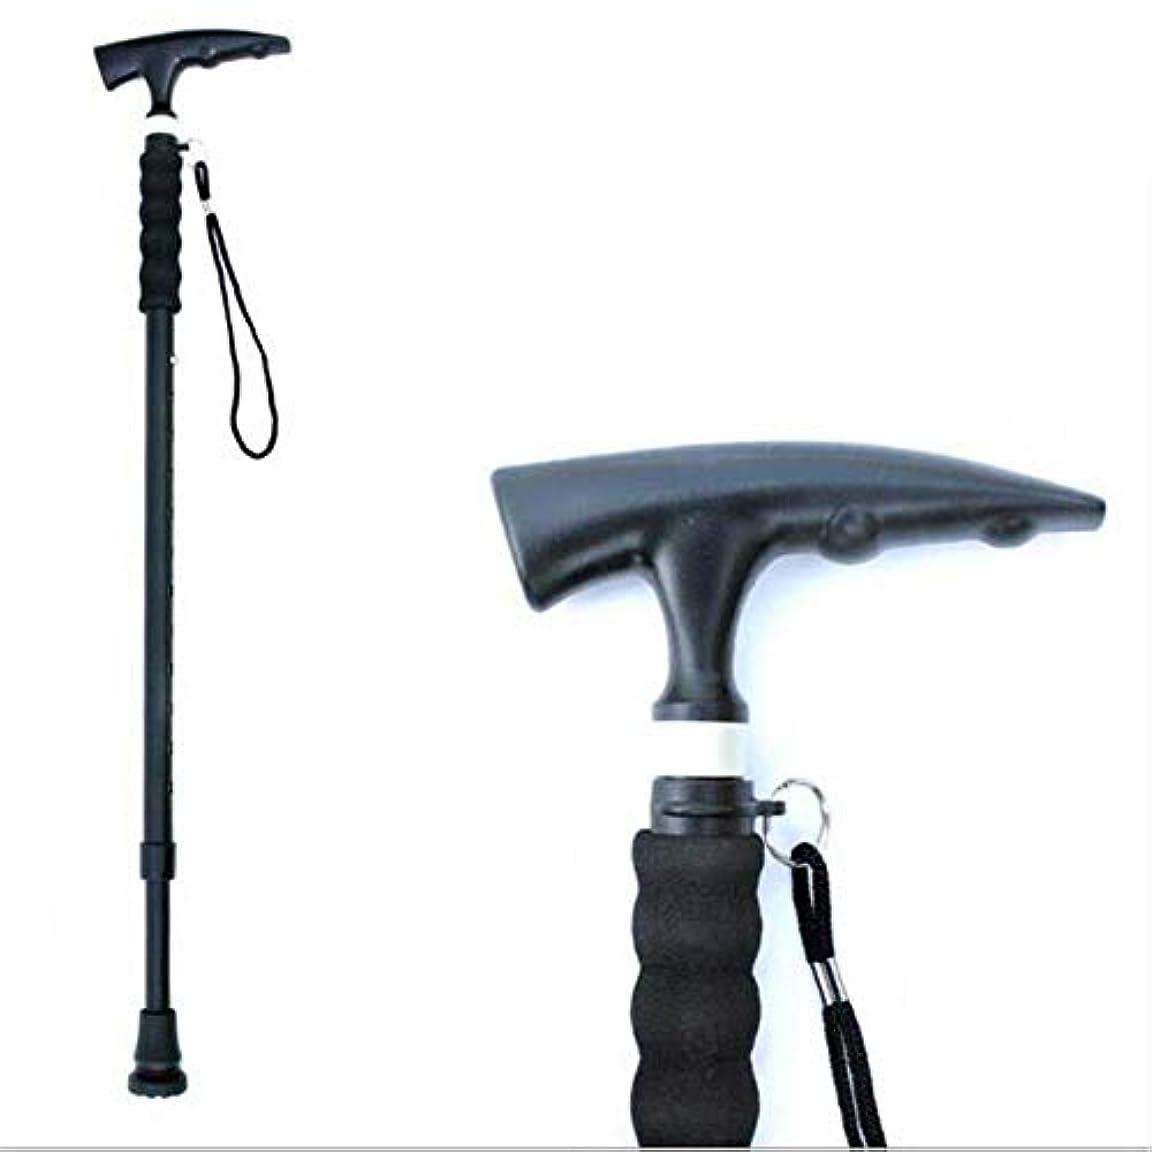 額かもしれない夏高齢者のために調節可能な軽量の望遠鏡のすべり止めの杖の高さ